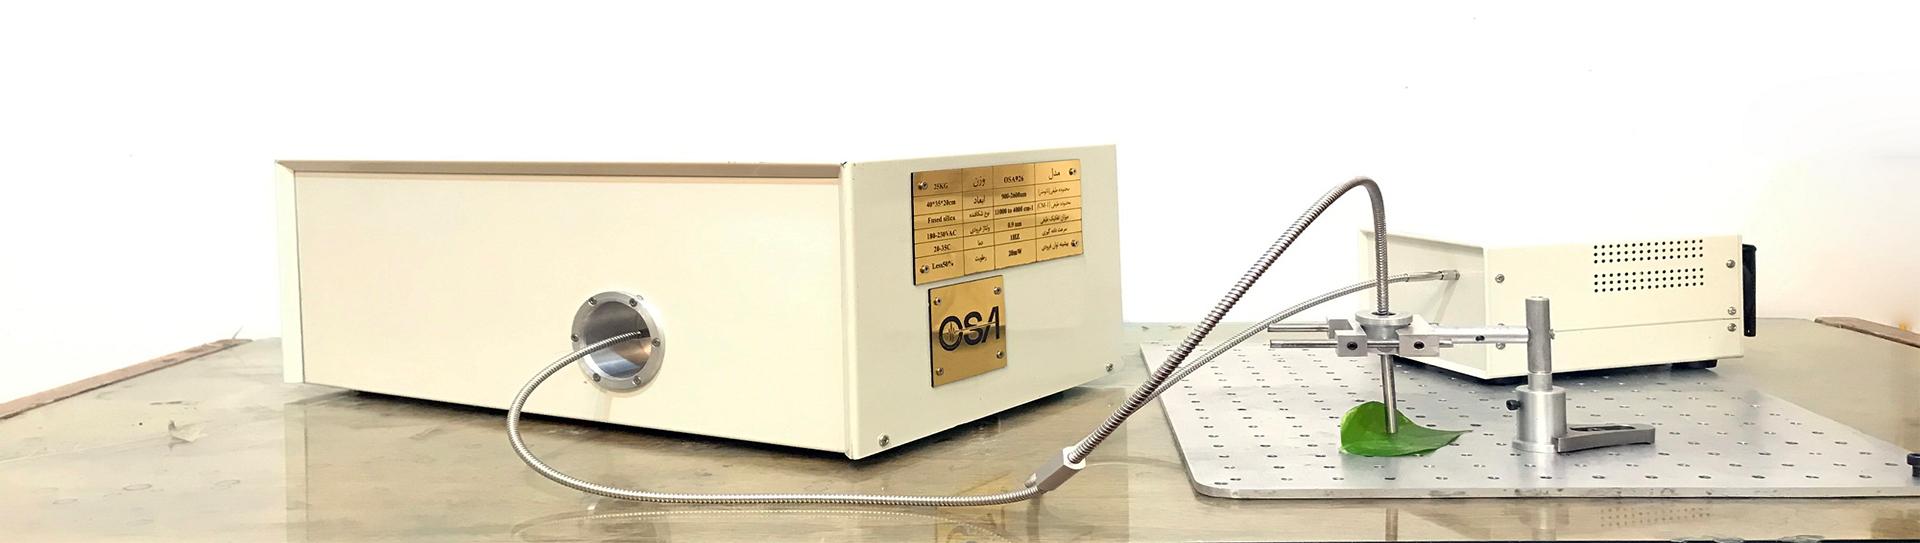 نخستین نمونه طیف سنج مادون قرمز بازتابی